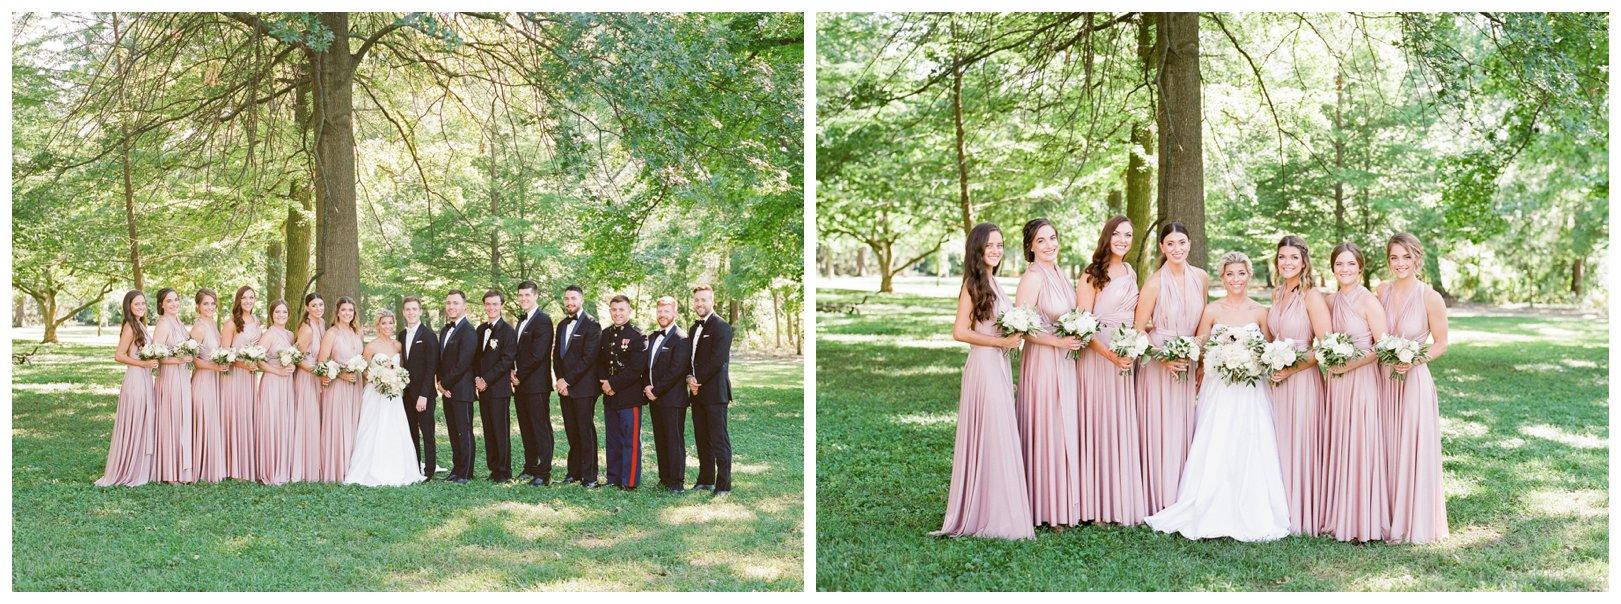 lauren muckler photography_fine art film wedding photography_st louis_photography_3532.jpg